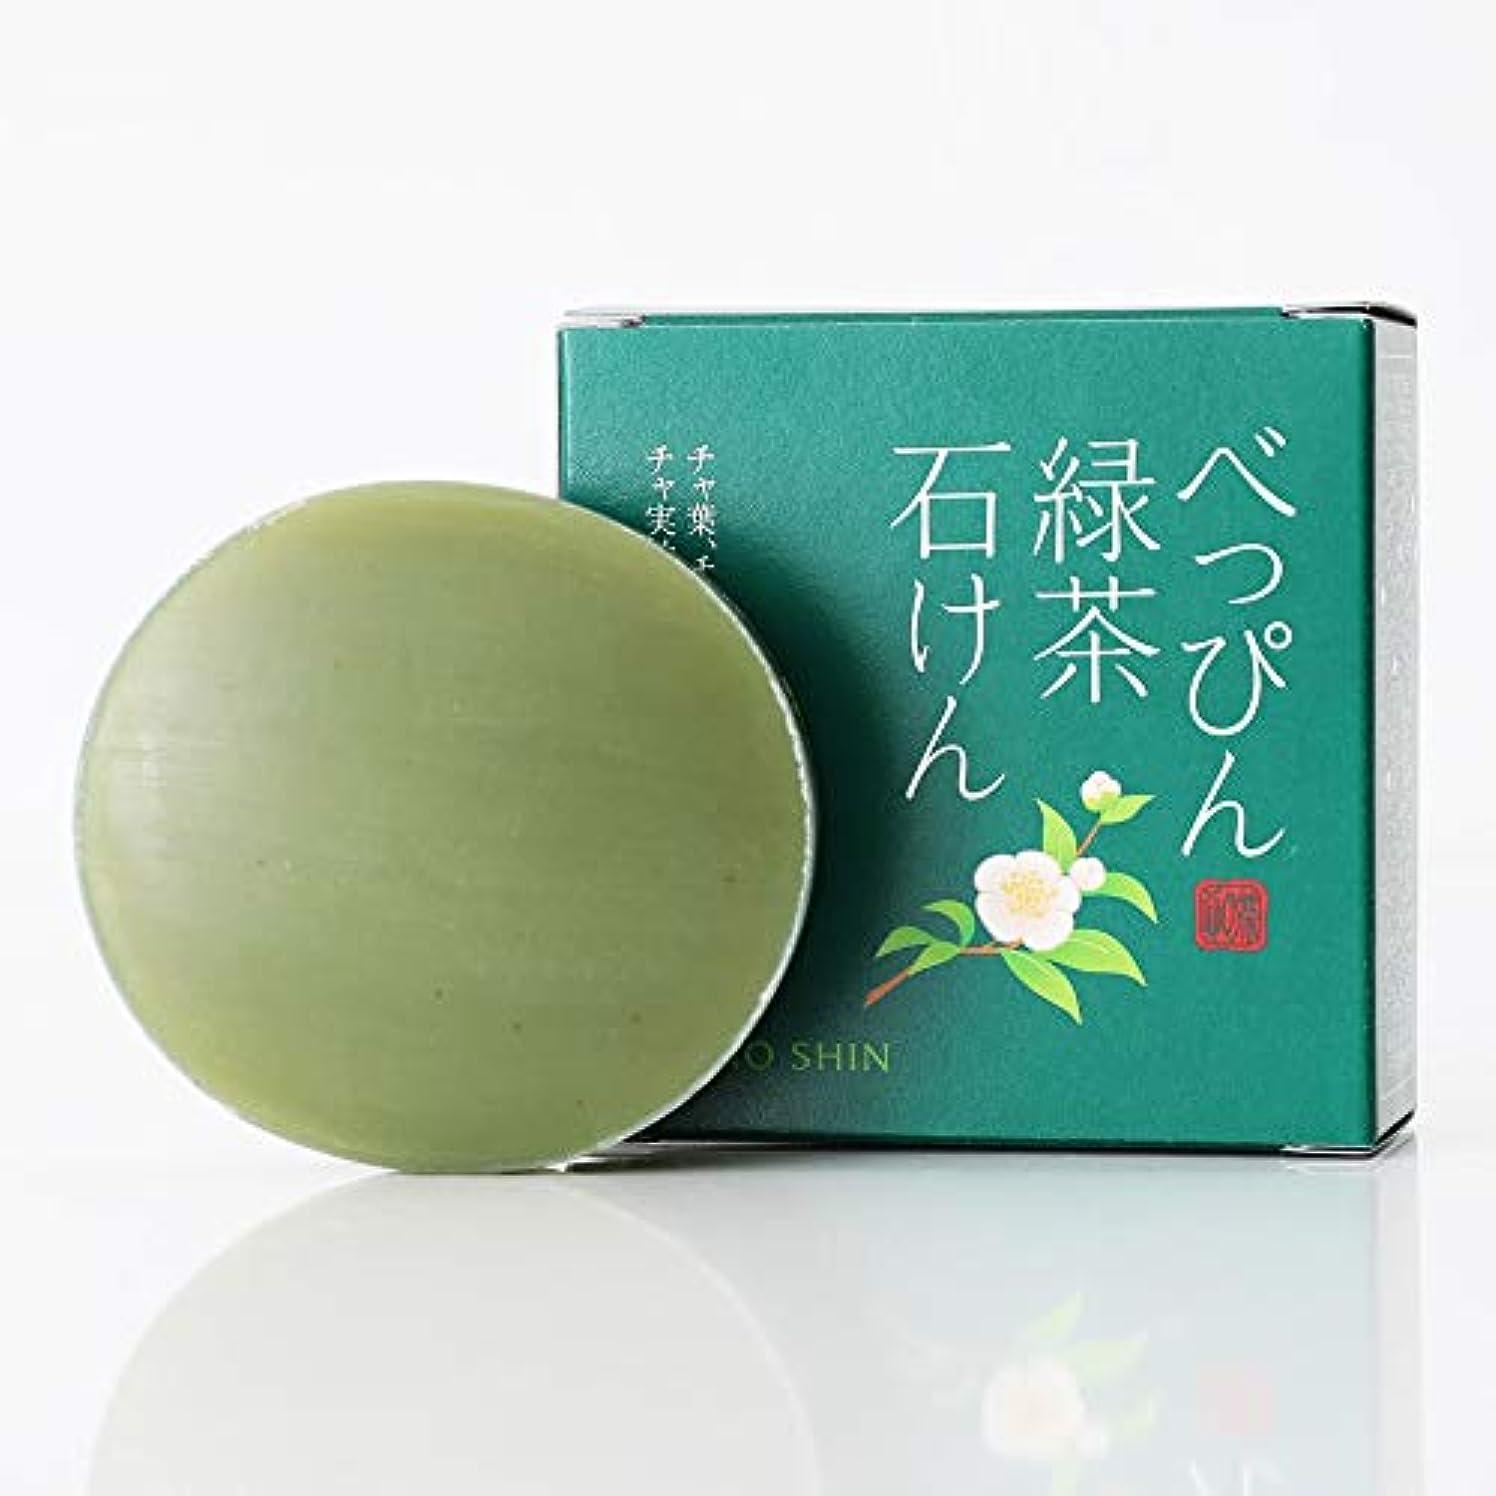 静かに横たわるフィードべっぴん緑茶石けん 【小麦成分は使っていません】